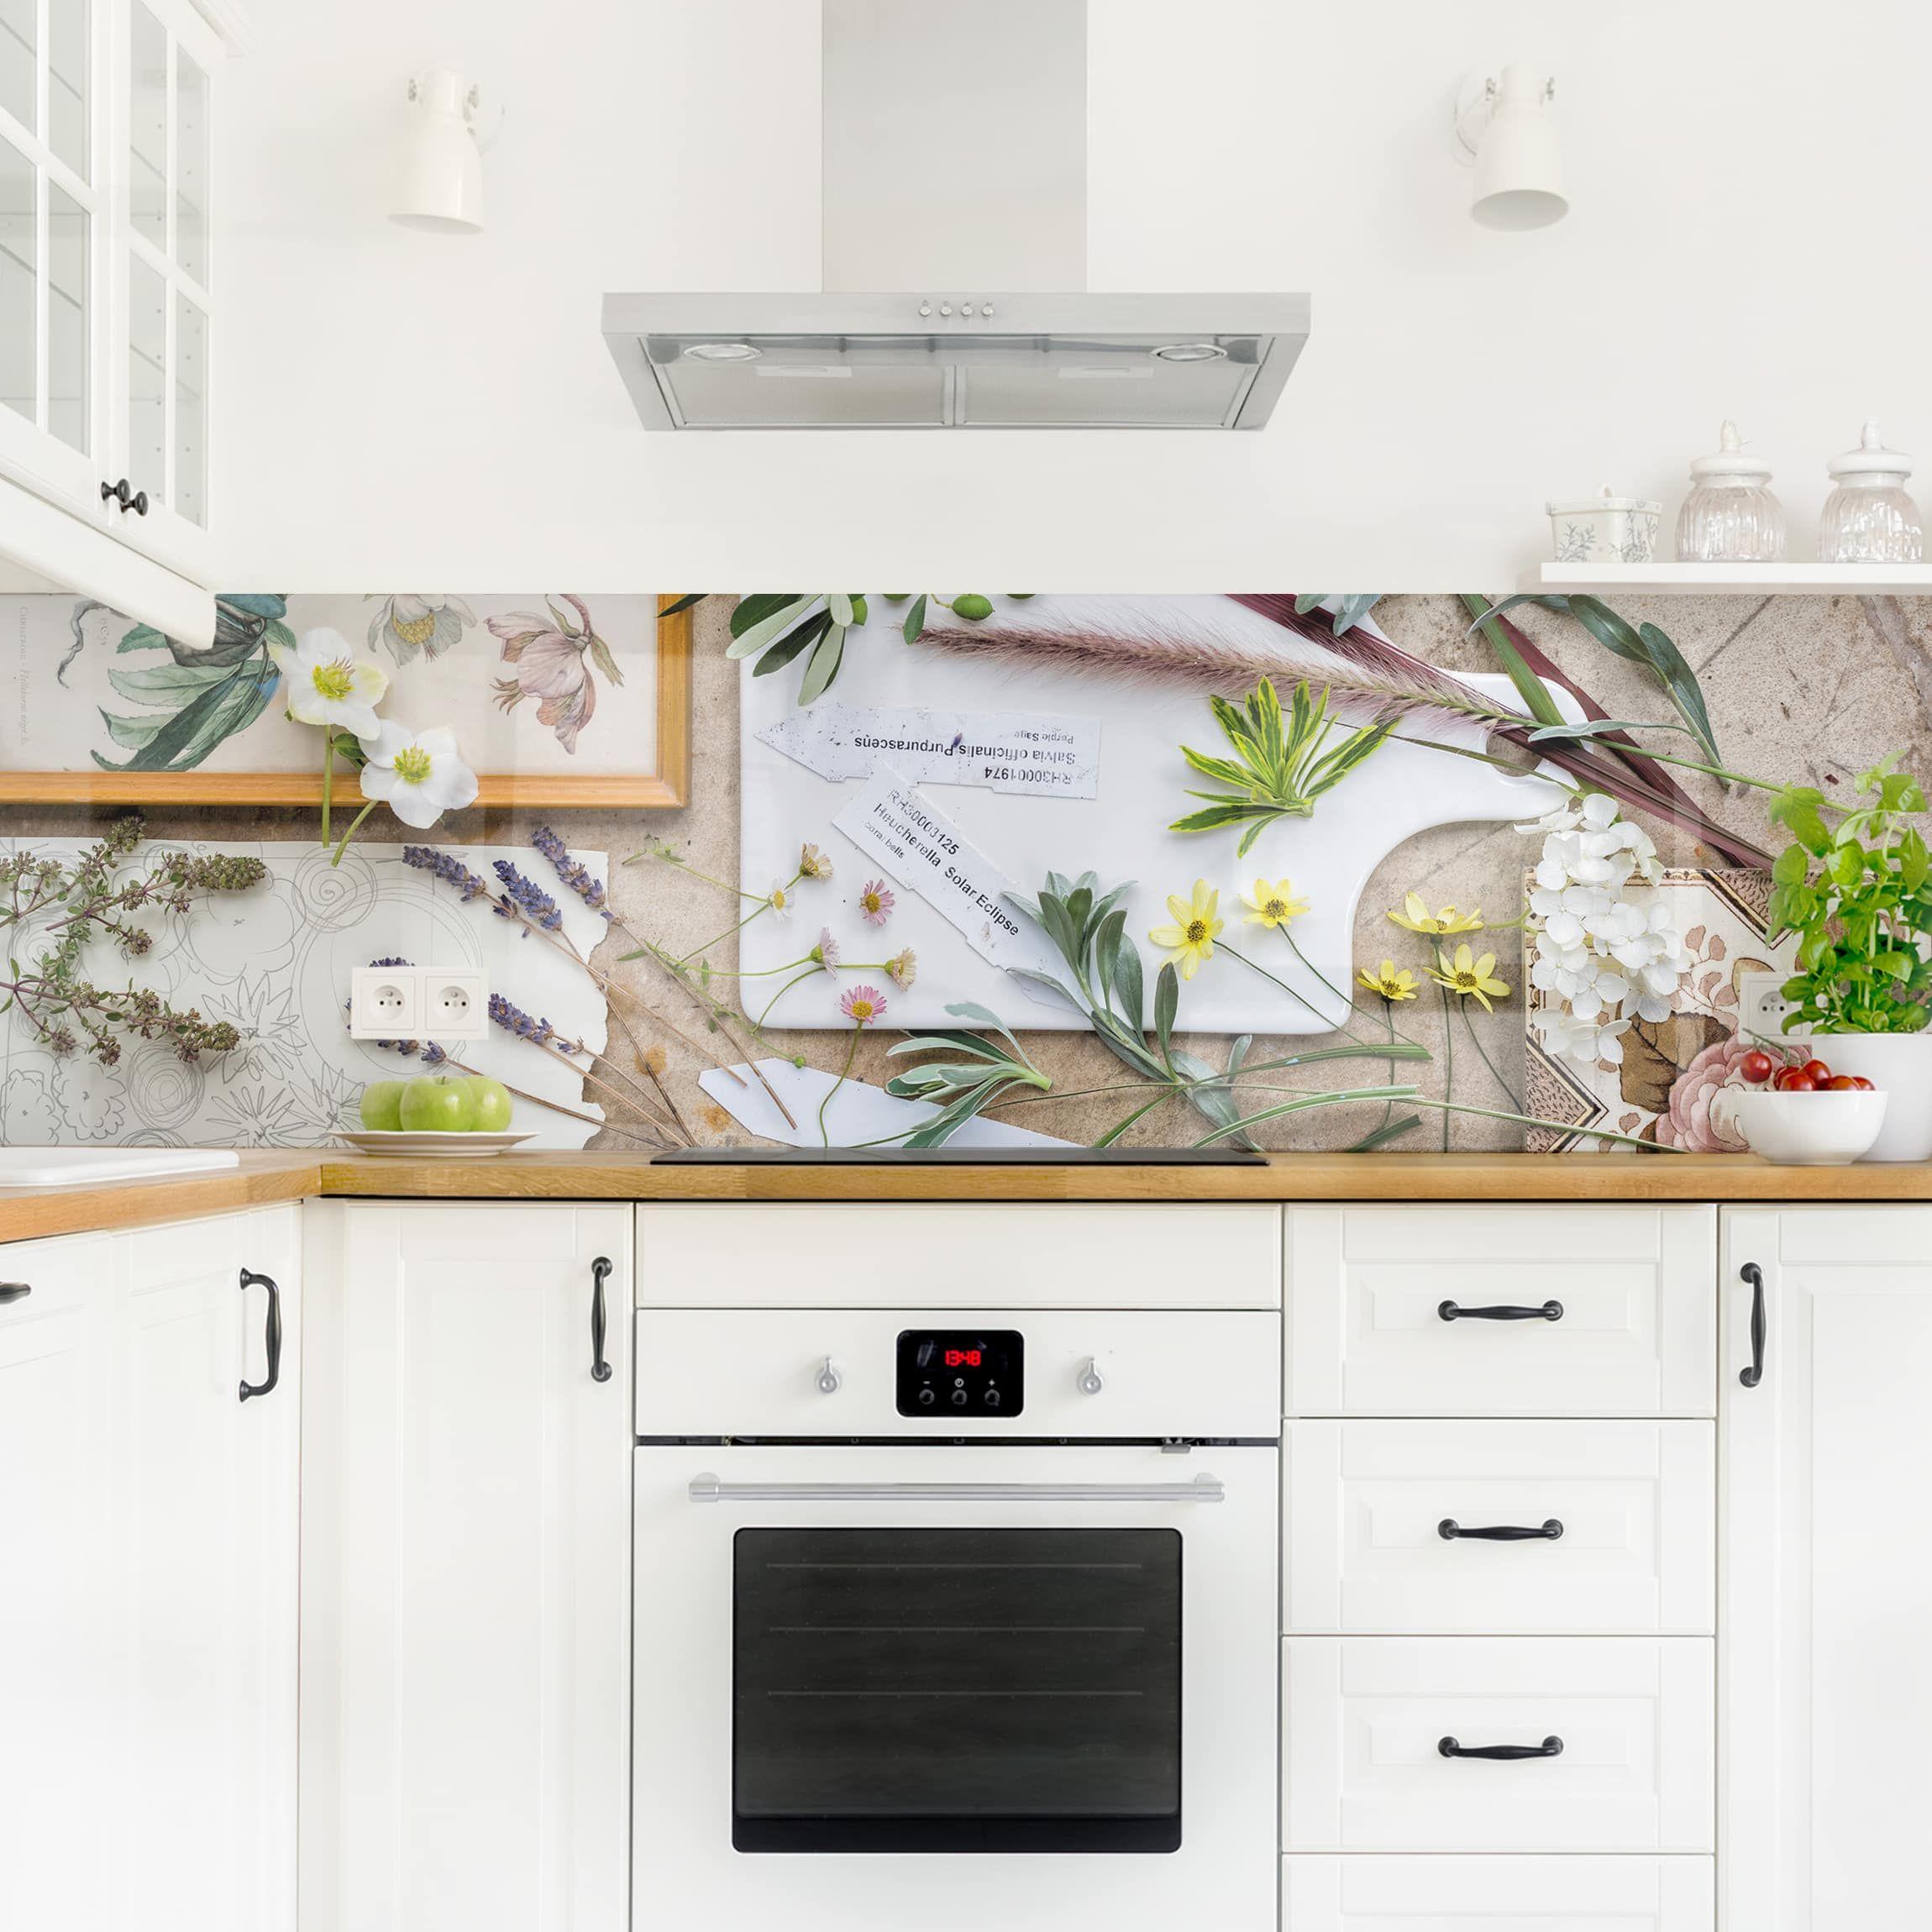 Küchenrückwand Blumen Und Gartenkräuter Vintage Küchenrückwandfolie Innenarchitektur Wohnzimmer Küchen Ideen Küchen Rückwand